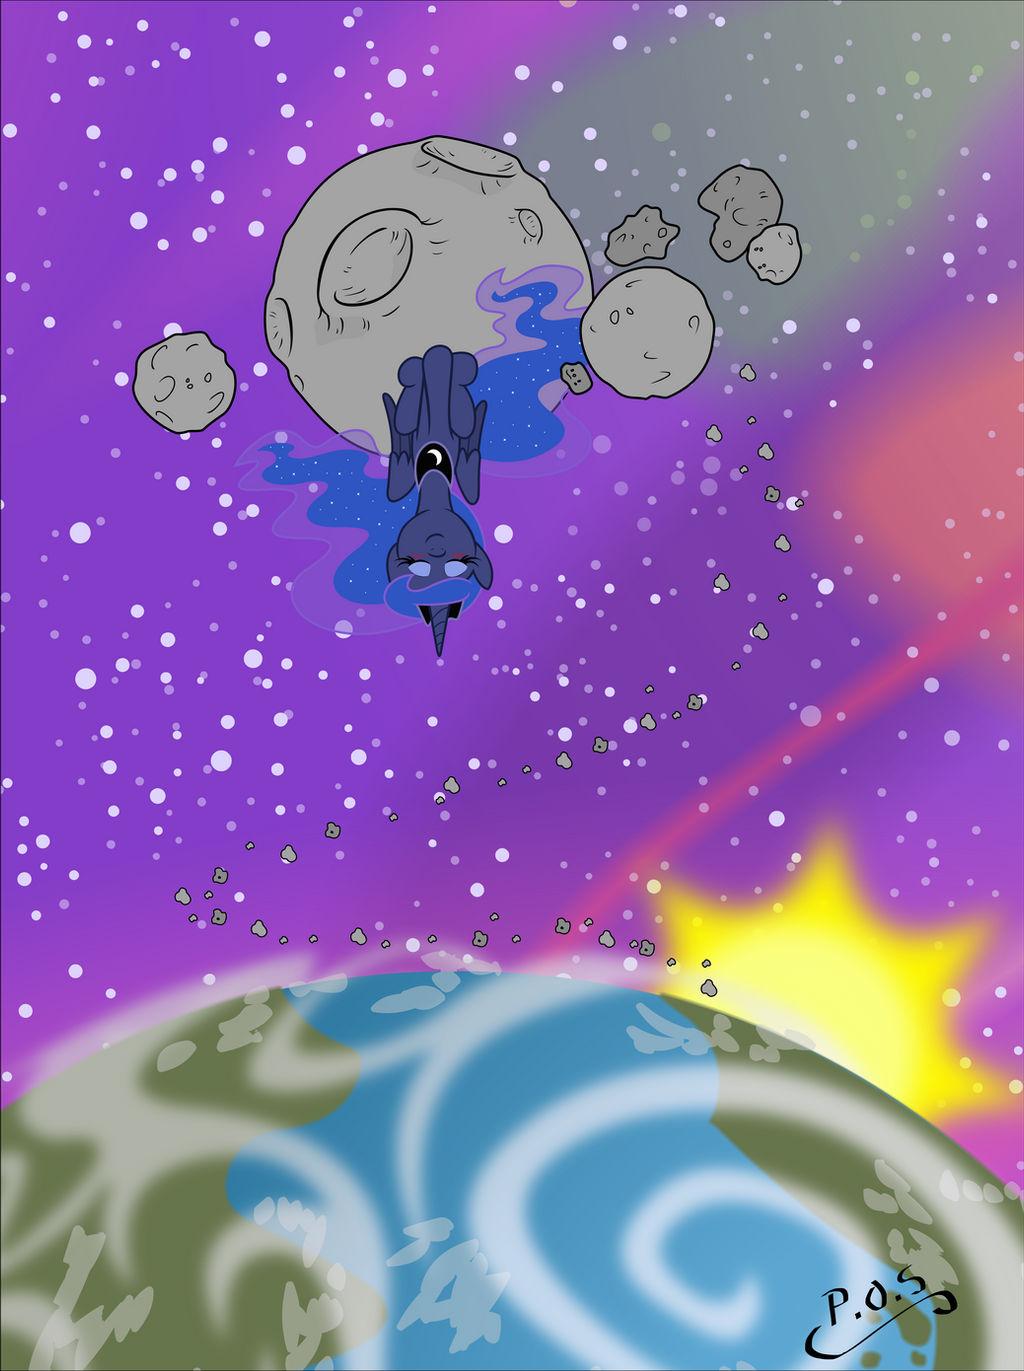 Luna in spaaaace!